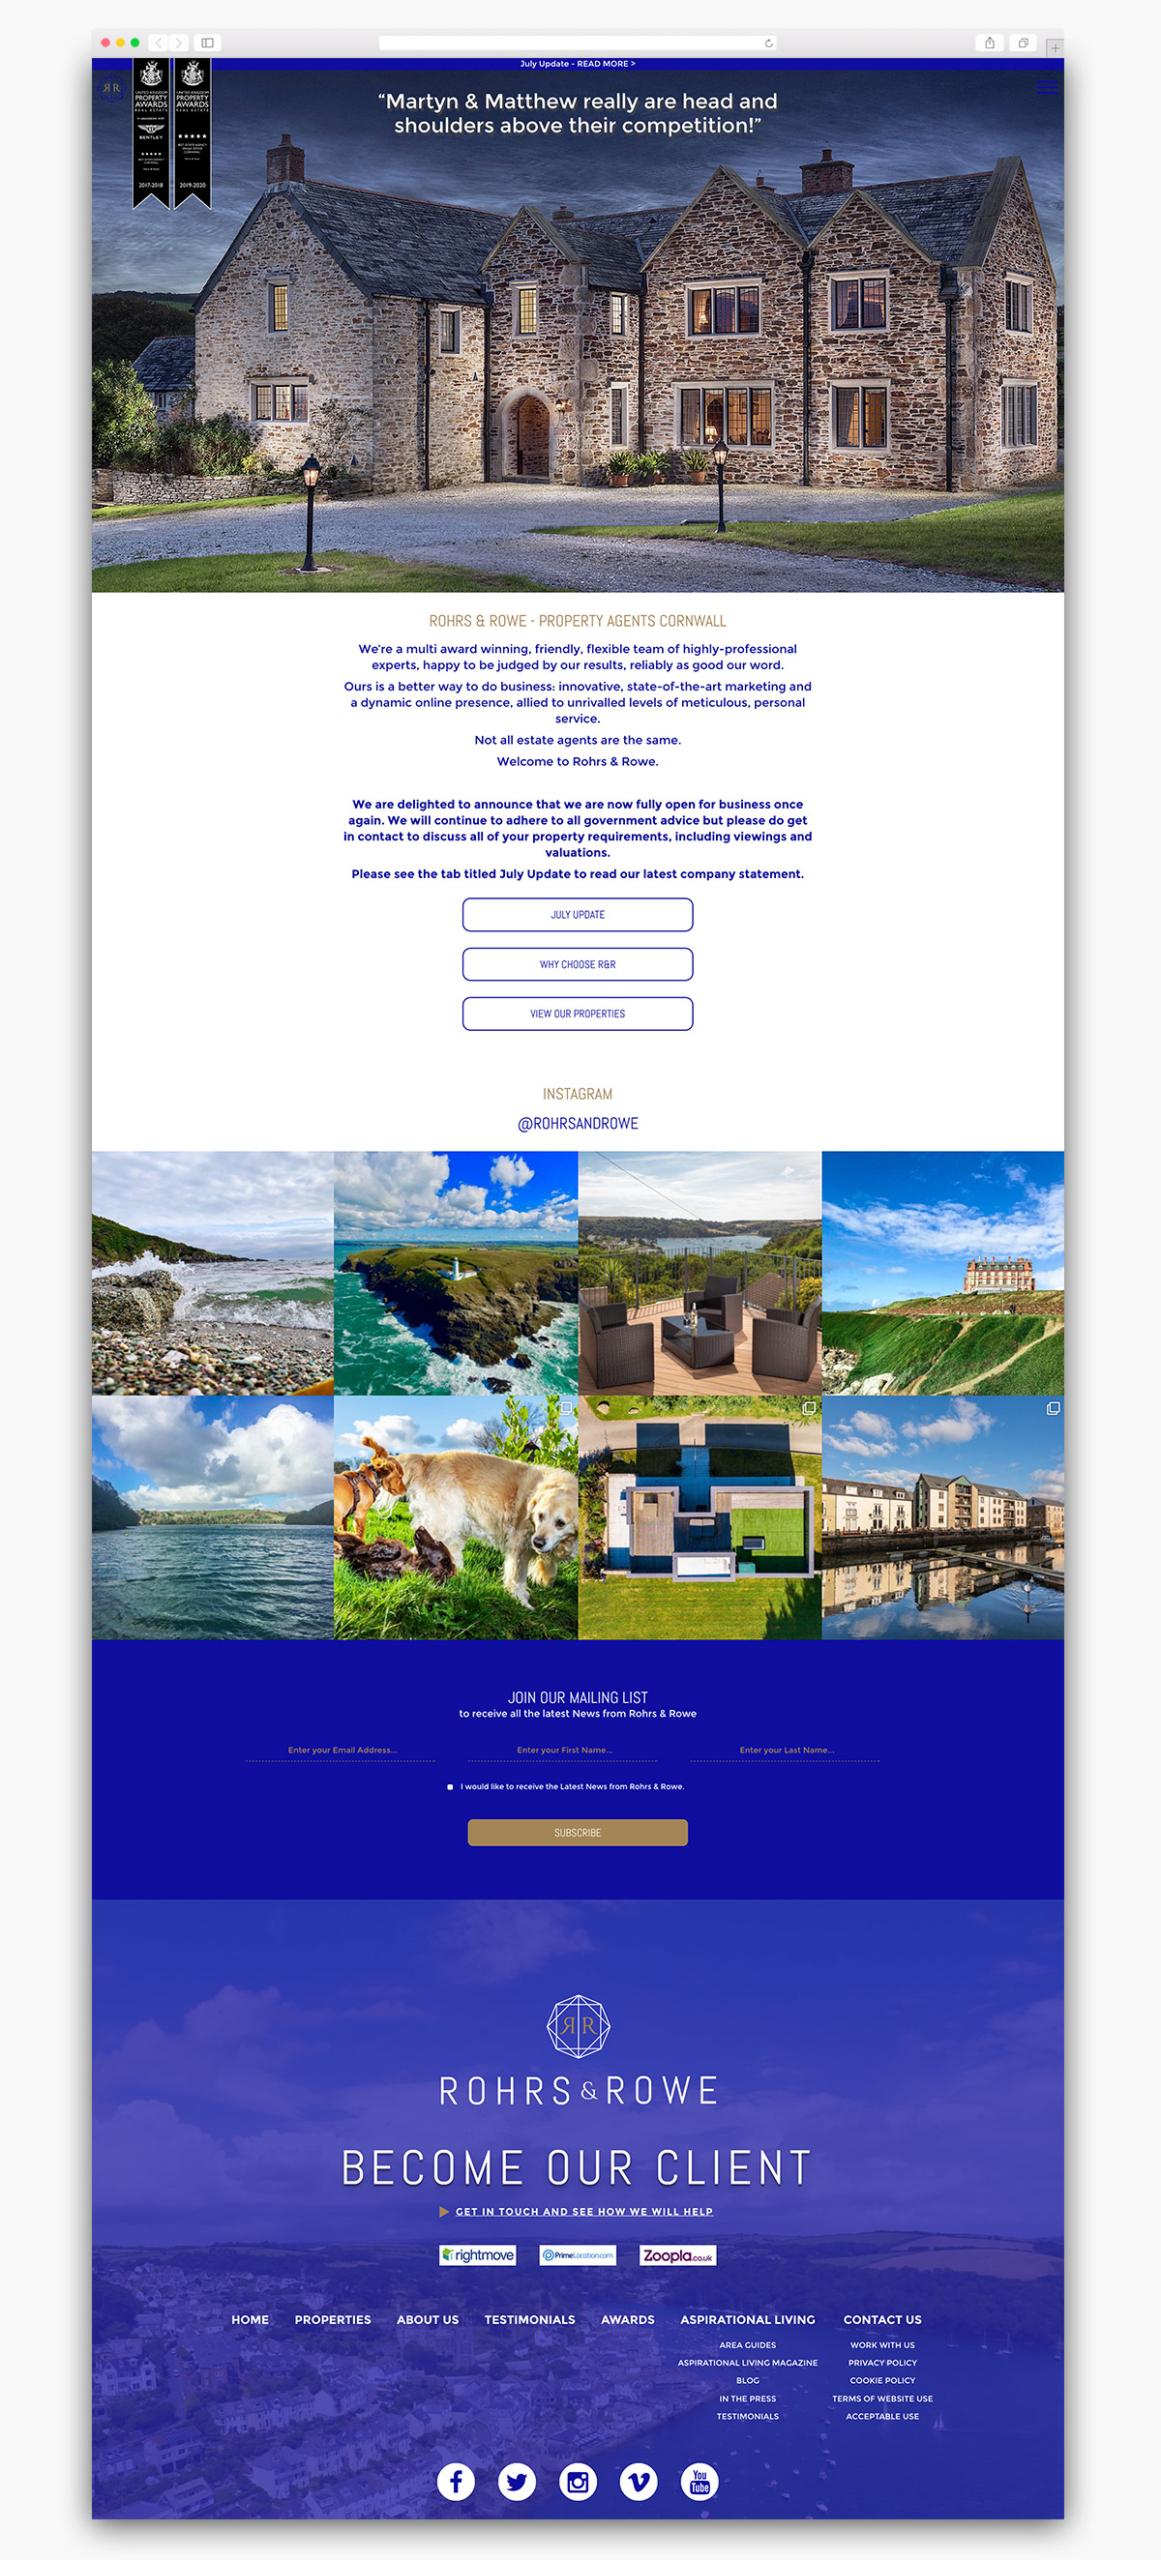 Rohrs & Rowe Wordpress Website Homepage Design